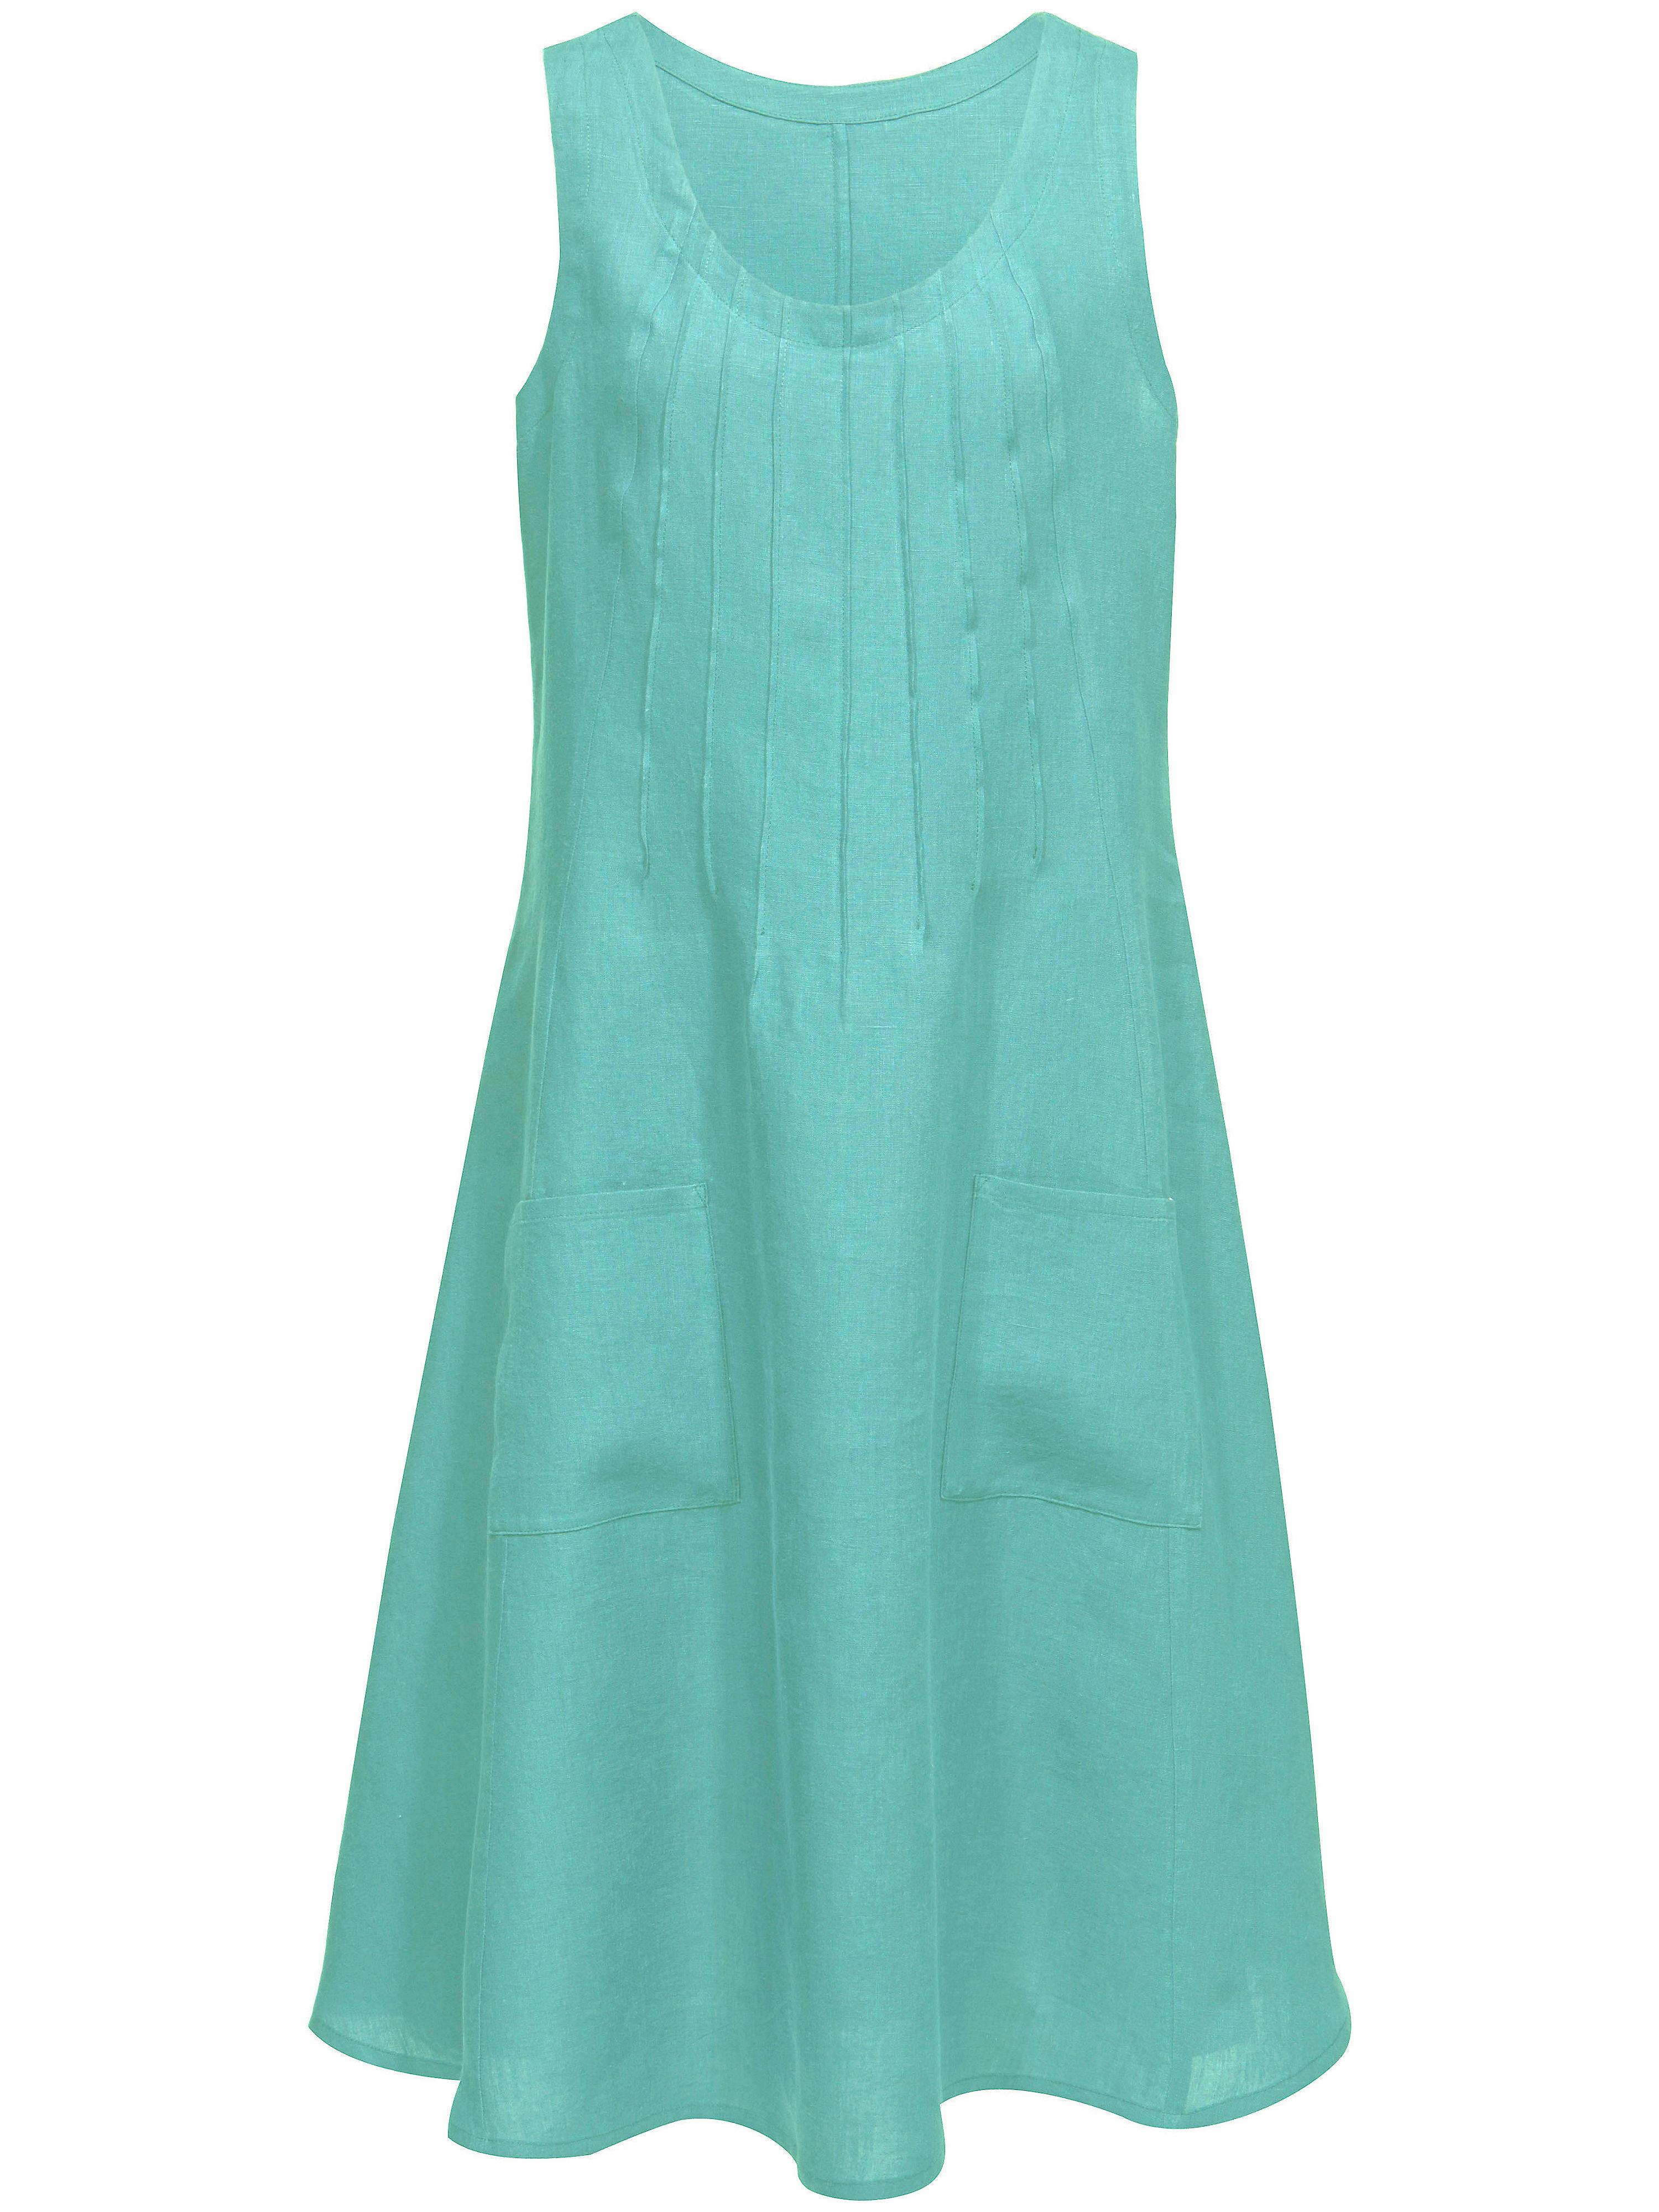 Image of Ärmelloses Kleid aus 100% Leinen Anna Aura türkis Größe: 21